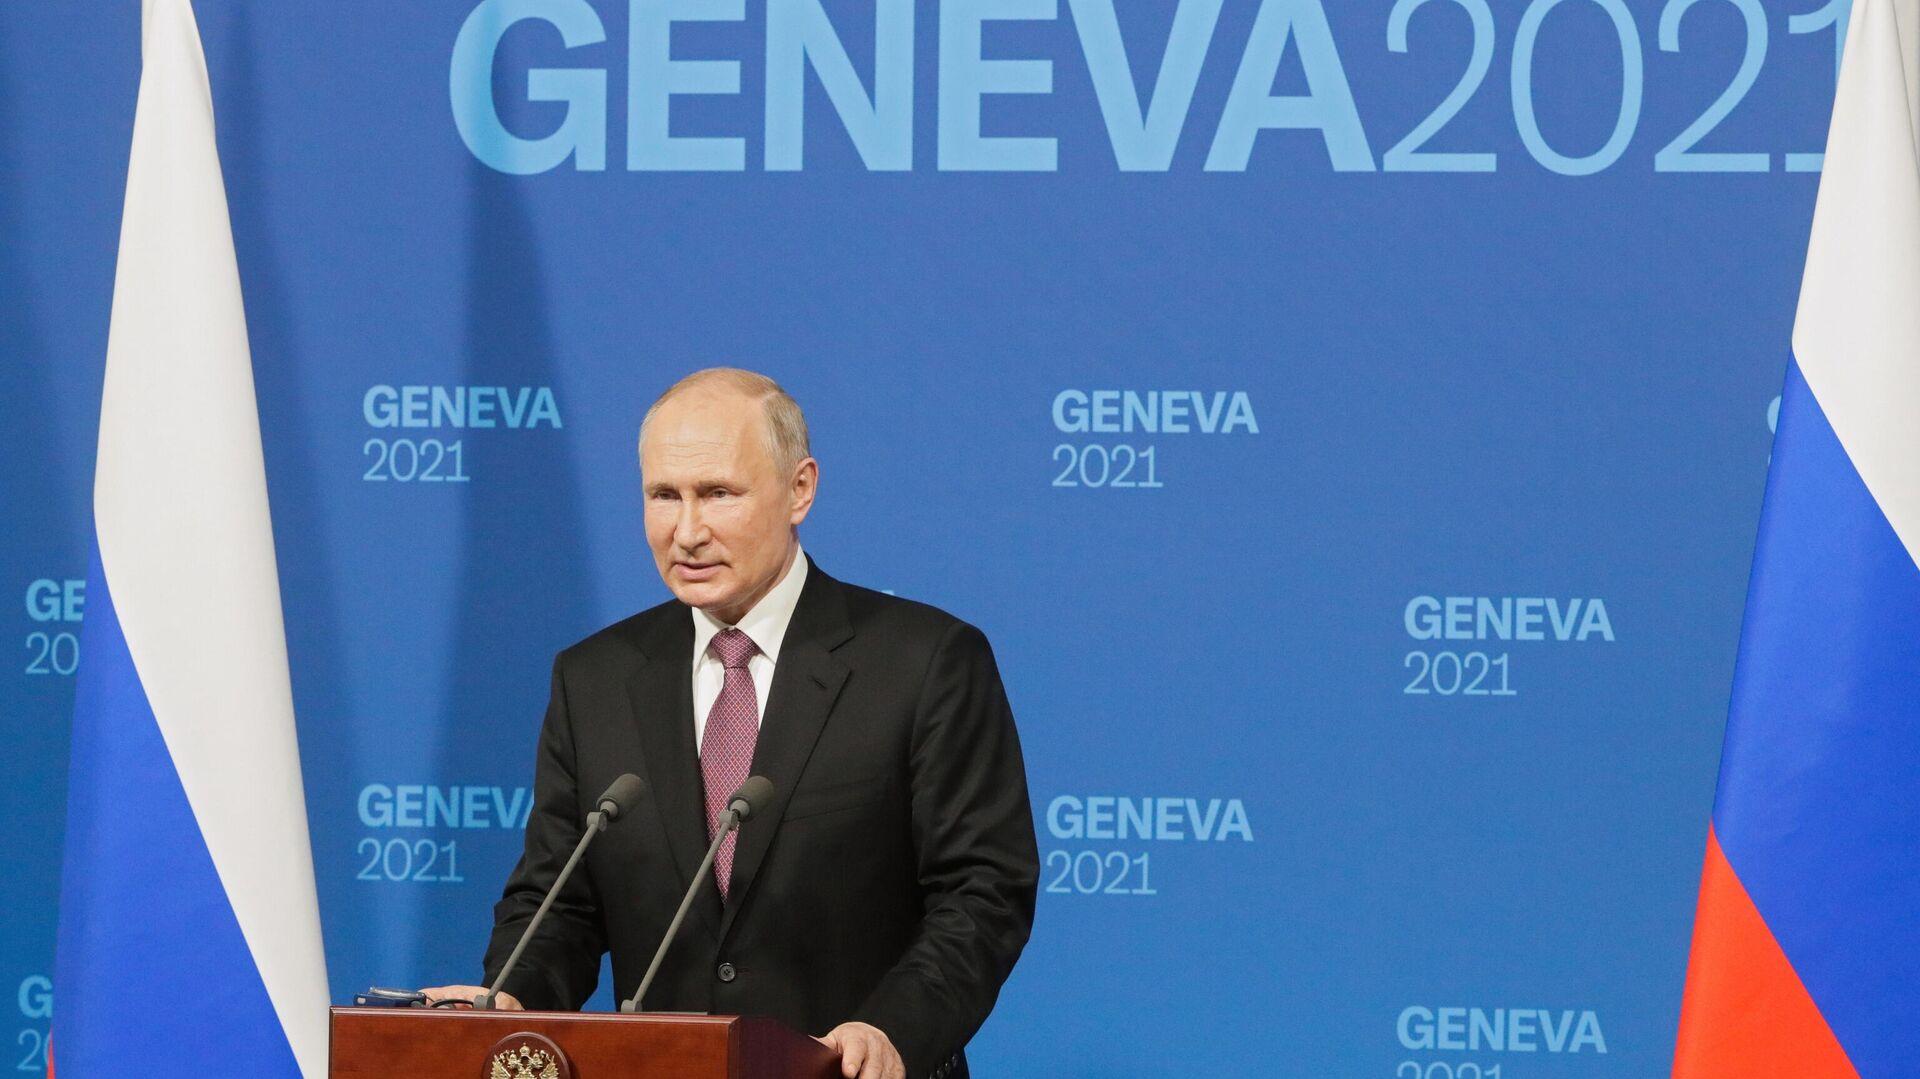 Встреча президентов России и США В. Путина и Дж. Байдена в Женеве - Sputnik Таджикистан, 1920, 16.06.2021